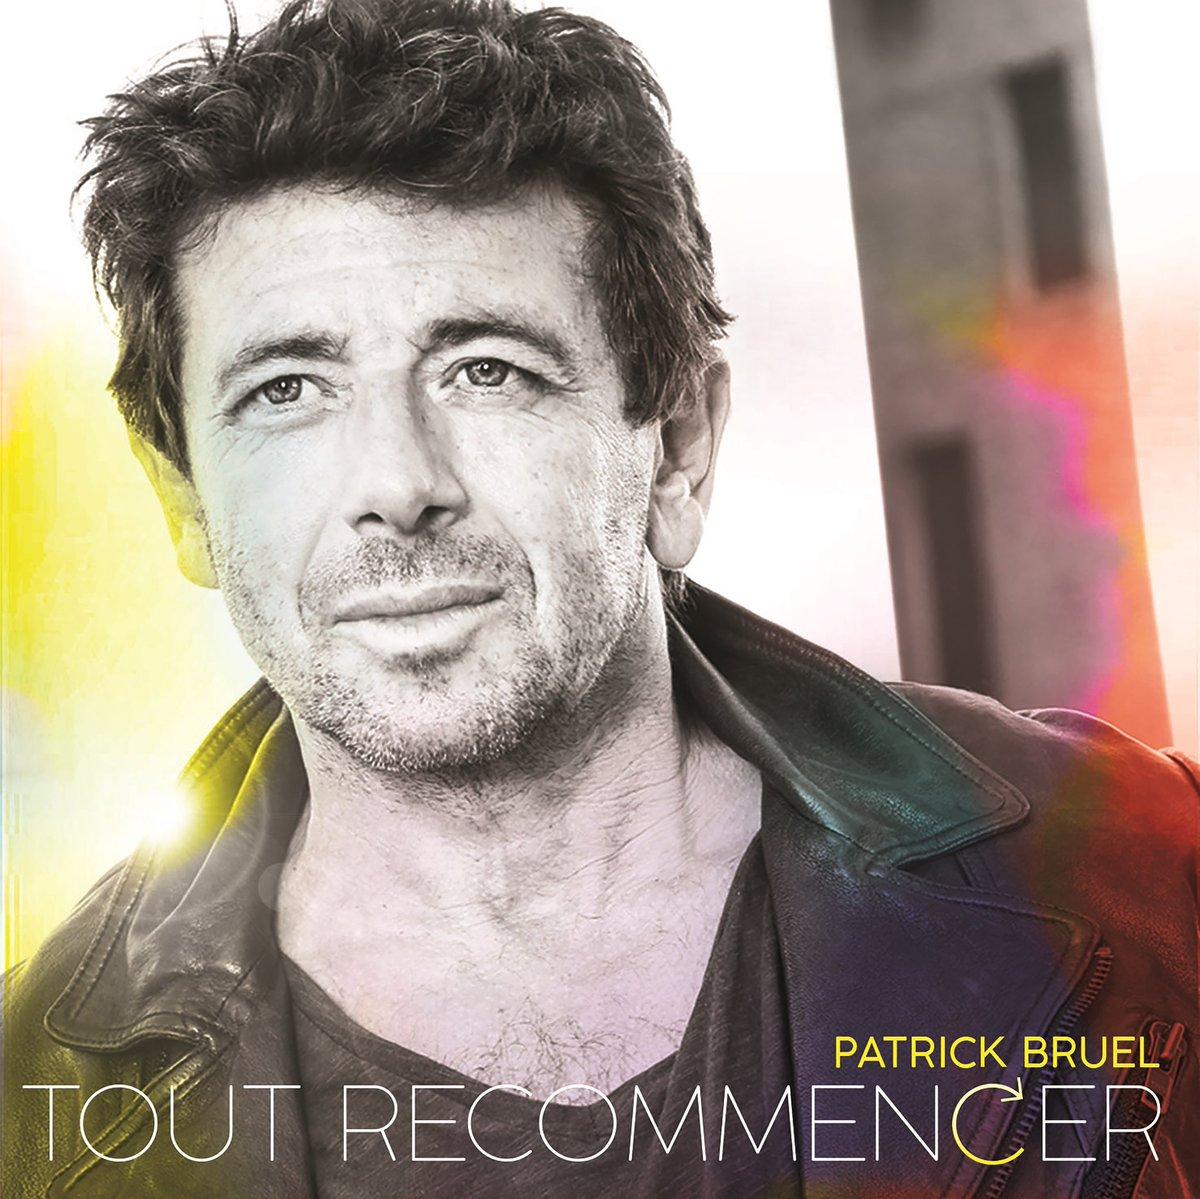 J-3...🎶 Aujourd'hui l'image... Vendredi le son #hâte #toutrecommencer #nouveausingle #newalbum [TeamPatrick]